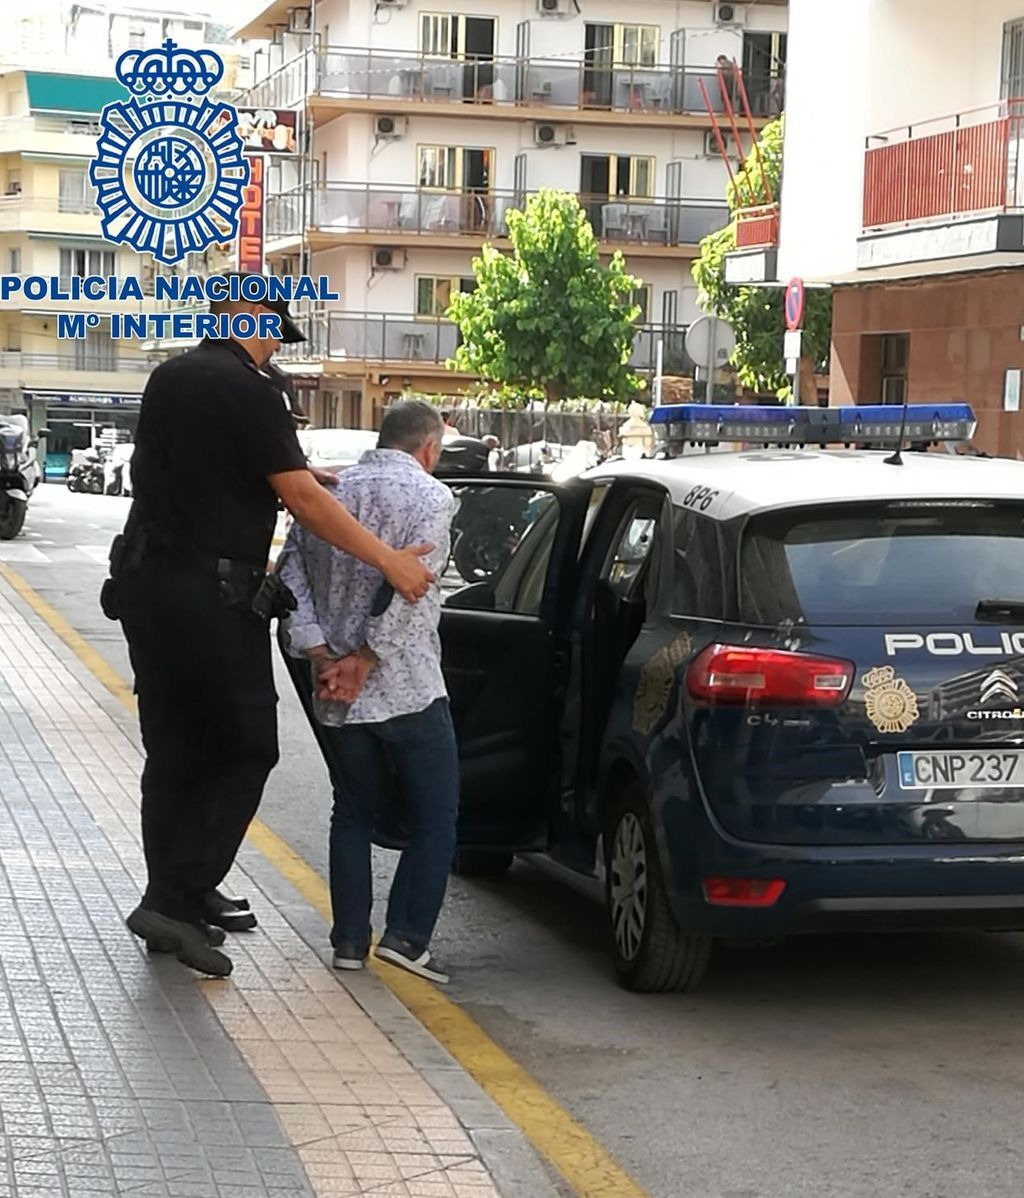 Detenido un hombre por herir a dos personas con un cuchillo en el cuello en Benidorm (Alicante)